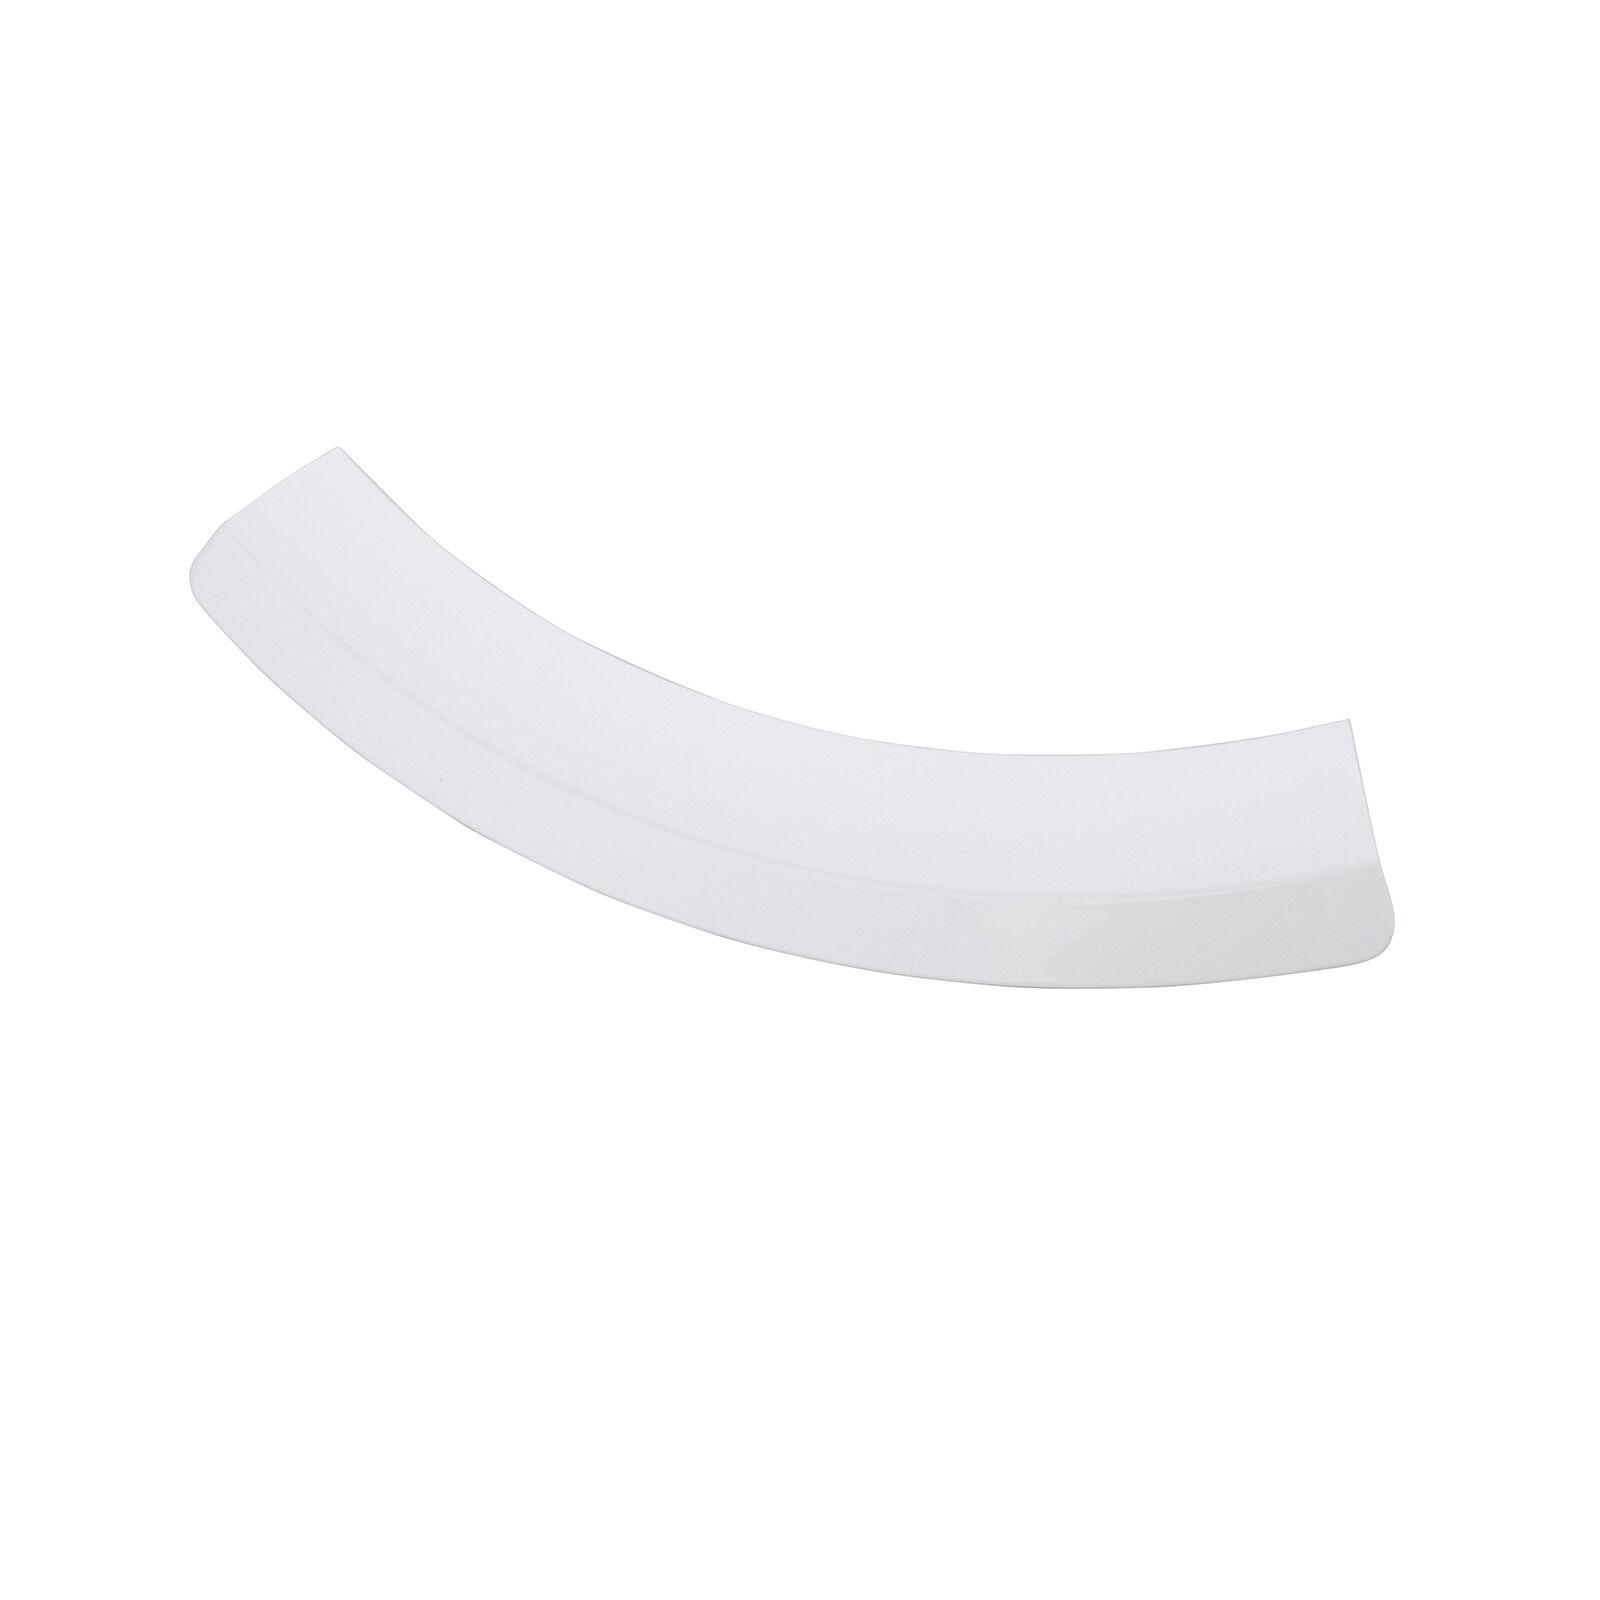 MANIGLIA PORTA BIANCO PLASTICA LEVA per Asciugatrice Bosch Spl 27343